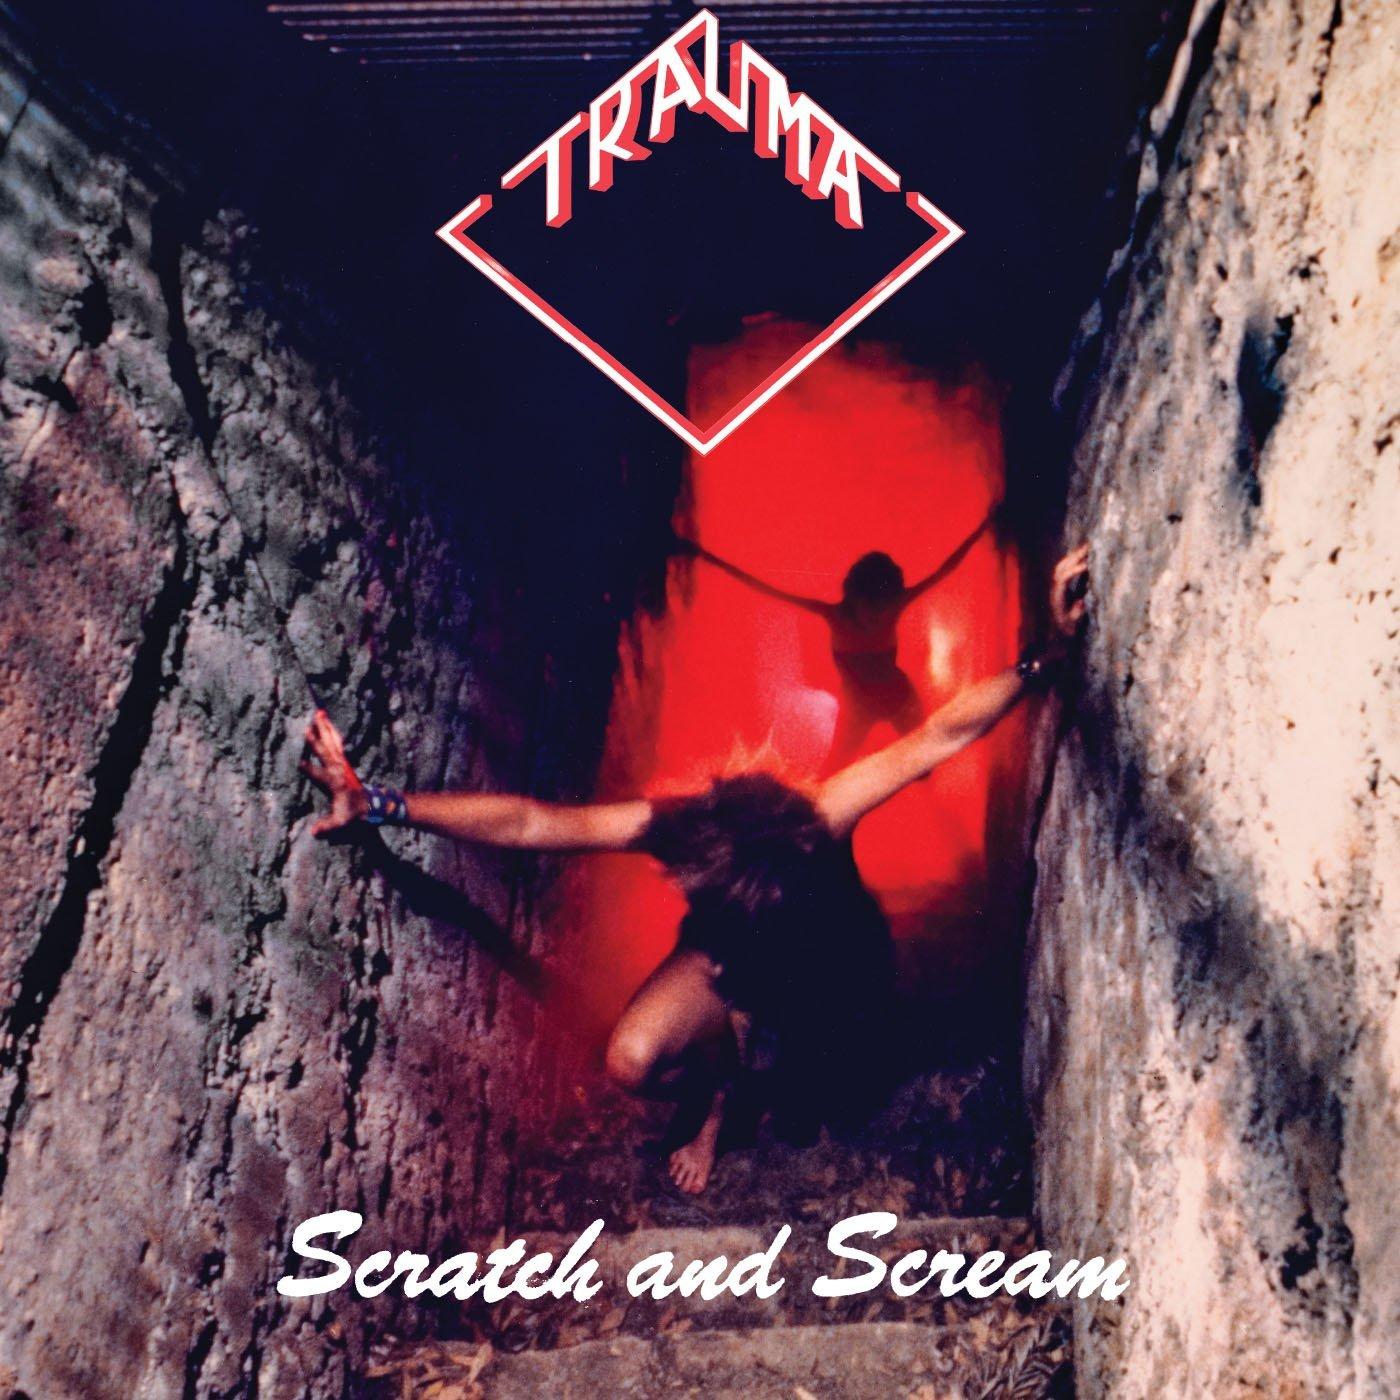 1980s Metal Bands